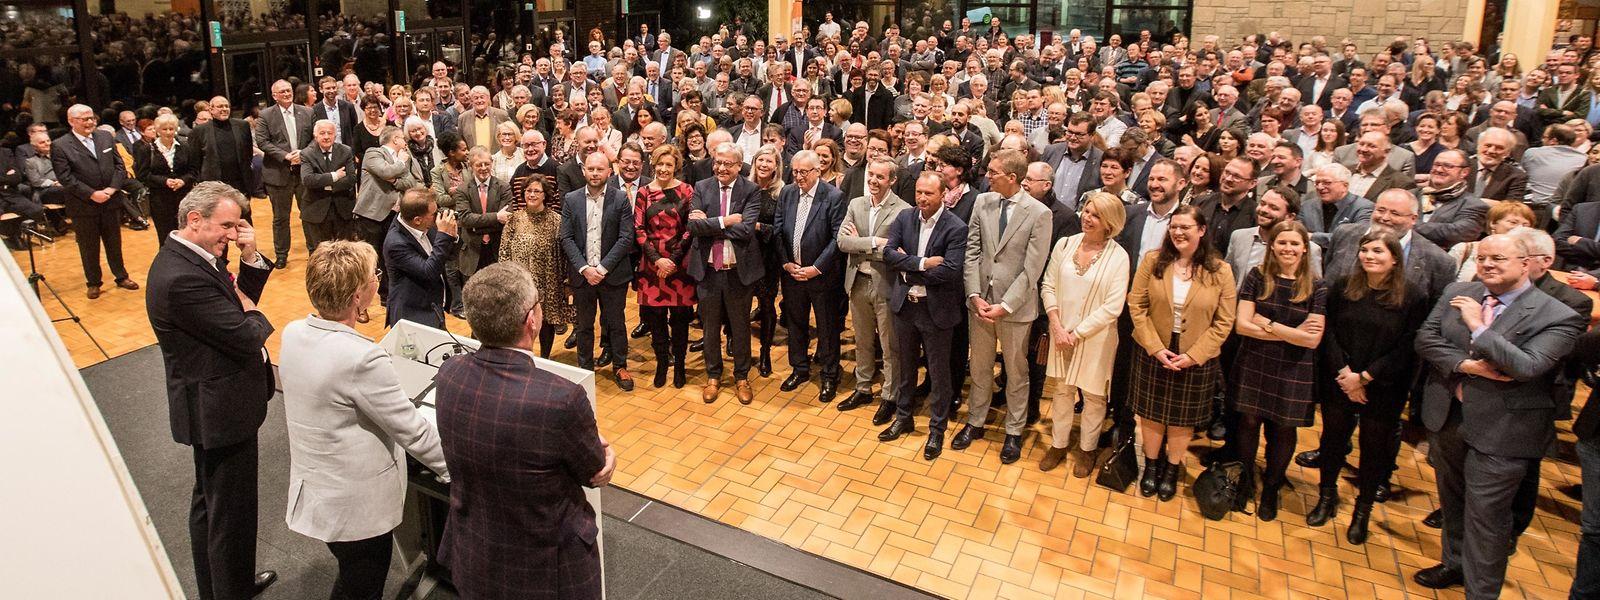 Die CSV würdigte die Arbeit des früheren Staatsministers und EU-Kommissionspräsidenten Jean-Claude Juncker (erste Reihe, 5.v.l.).